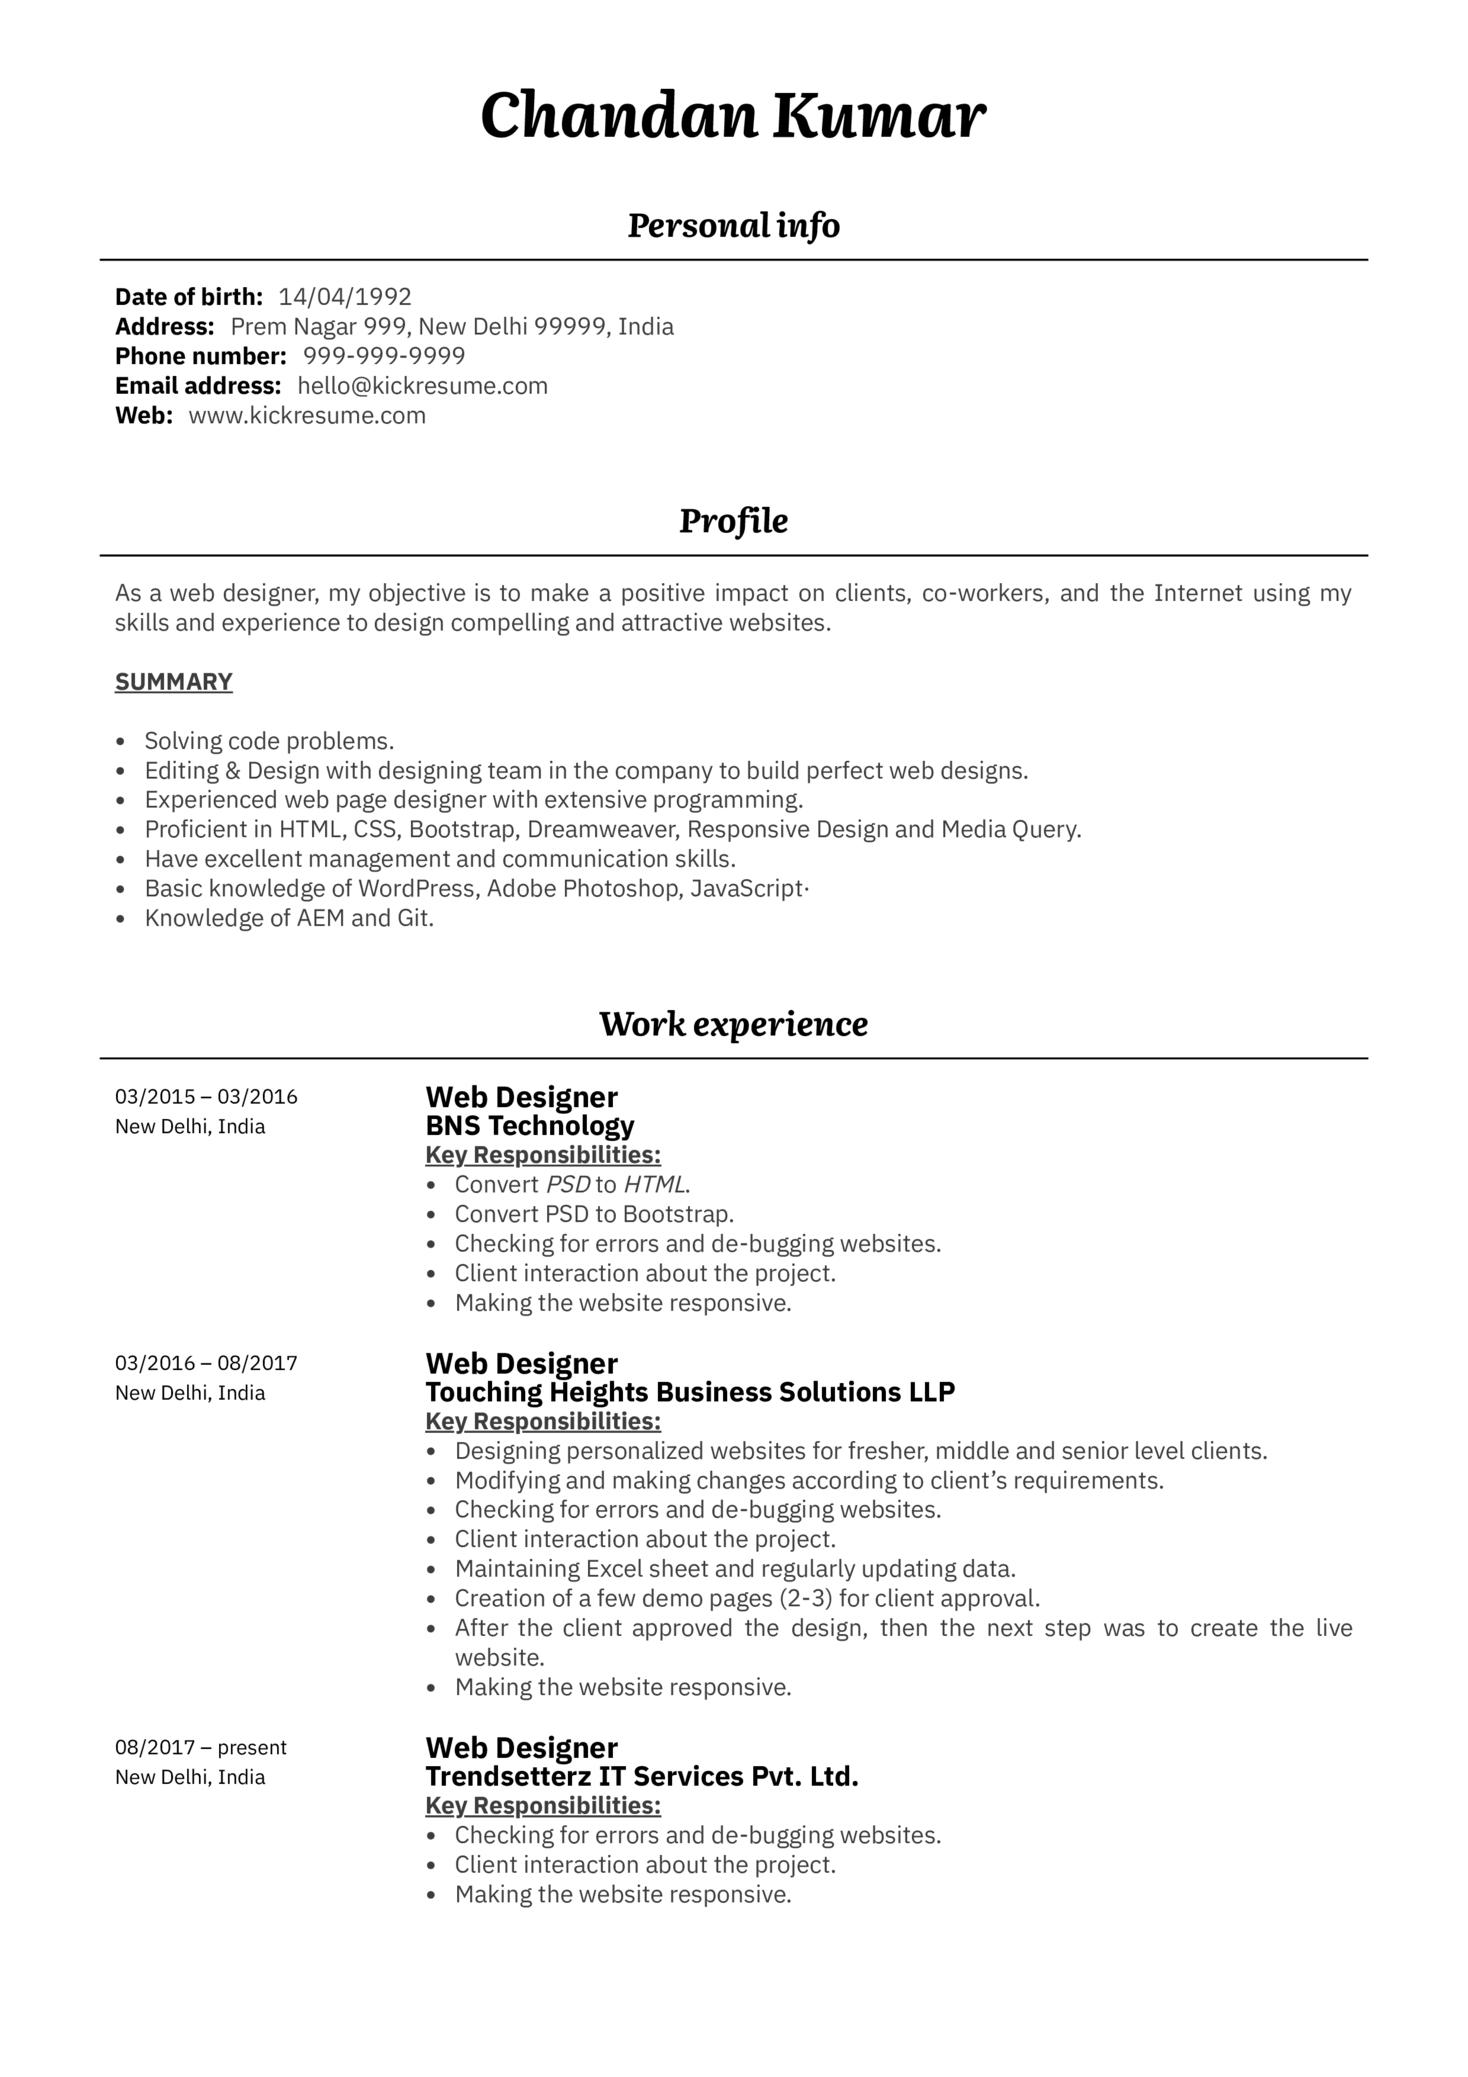 Professional Web Designer Resume Example (Part 1)